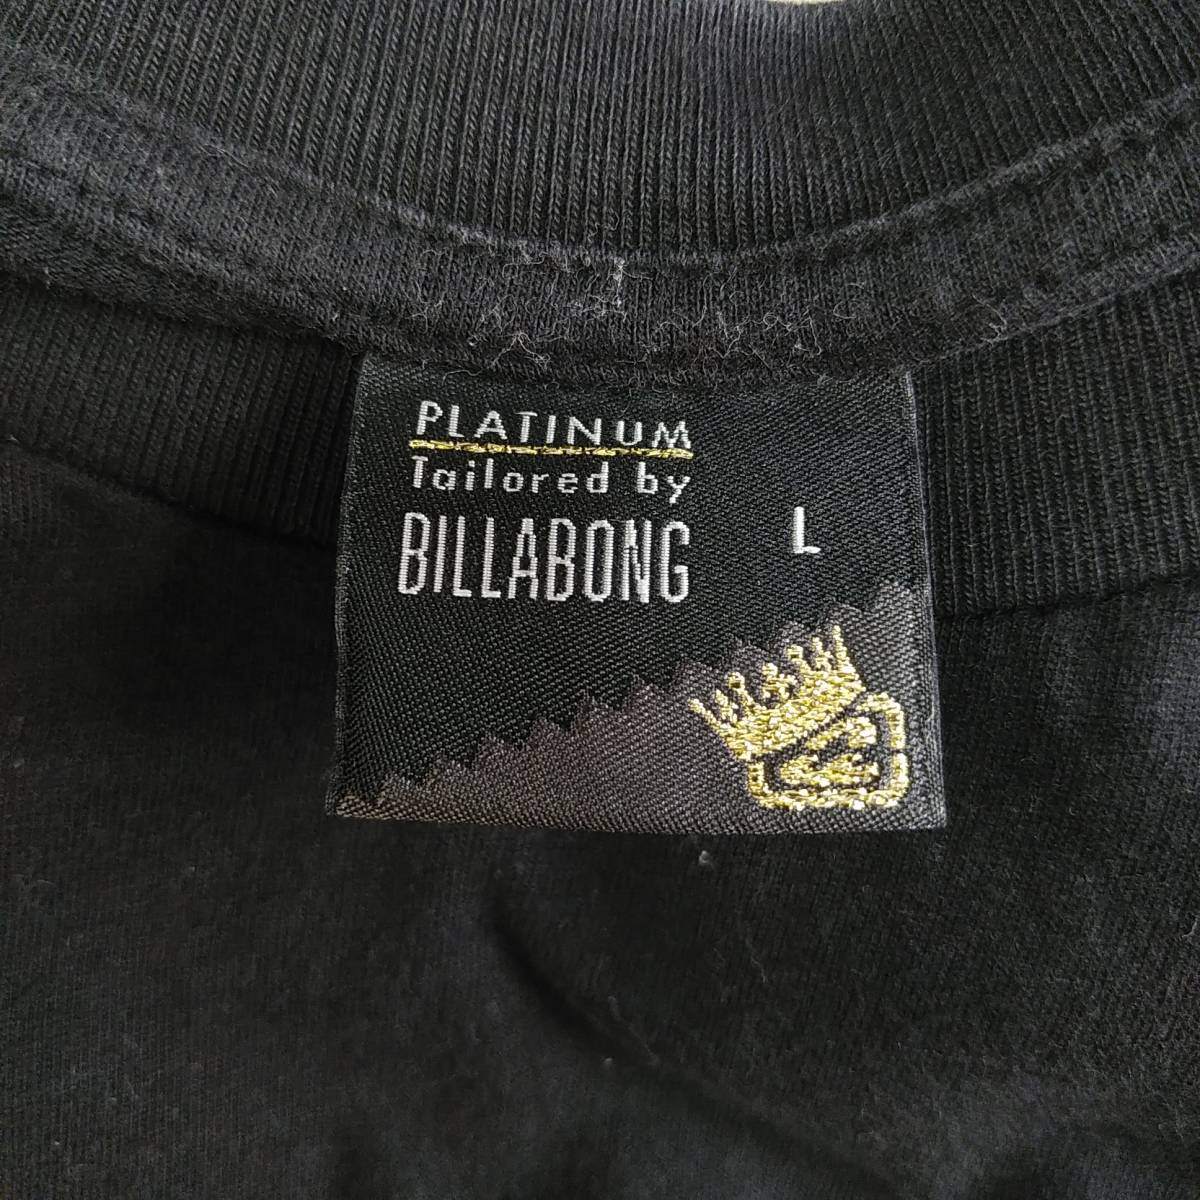 【platinum tailored by billabong】ビラボン Tシャツ メンズL ゴールド×ブラック ロゴ  190603-15333_画像6